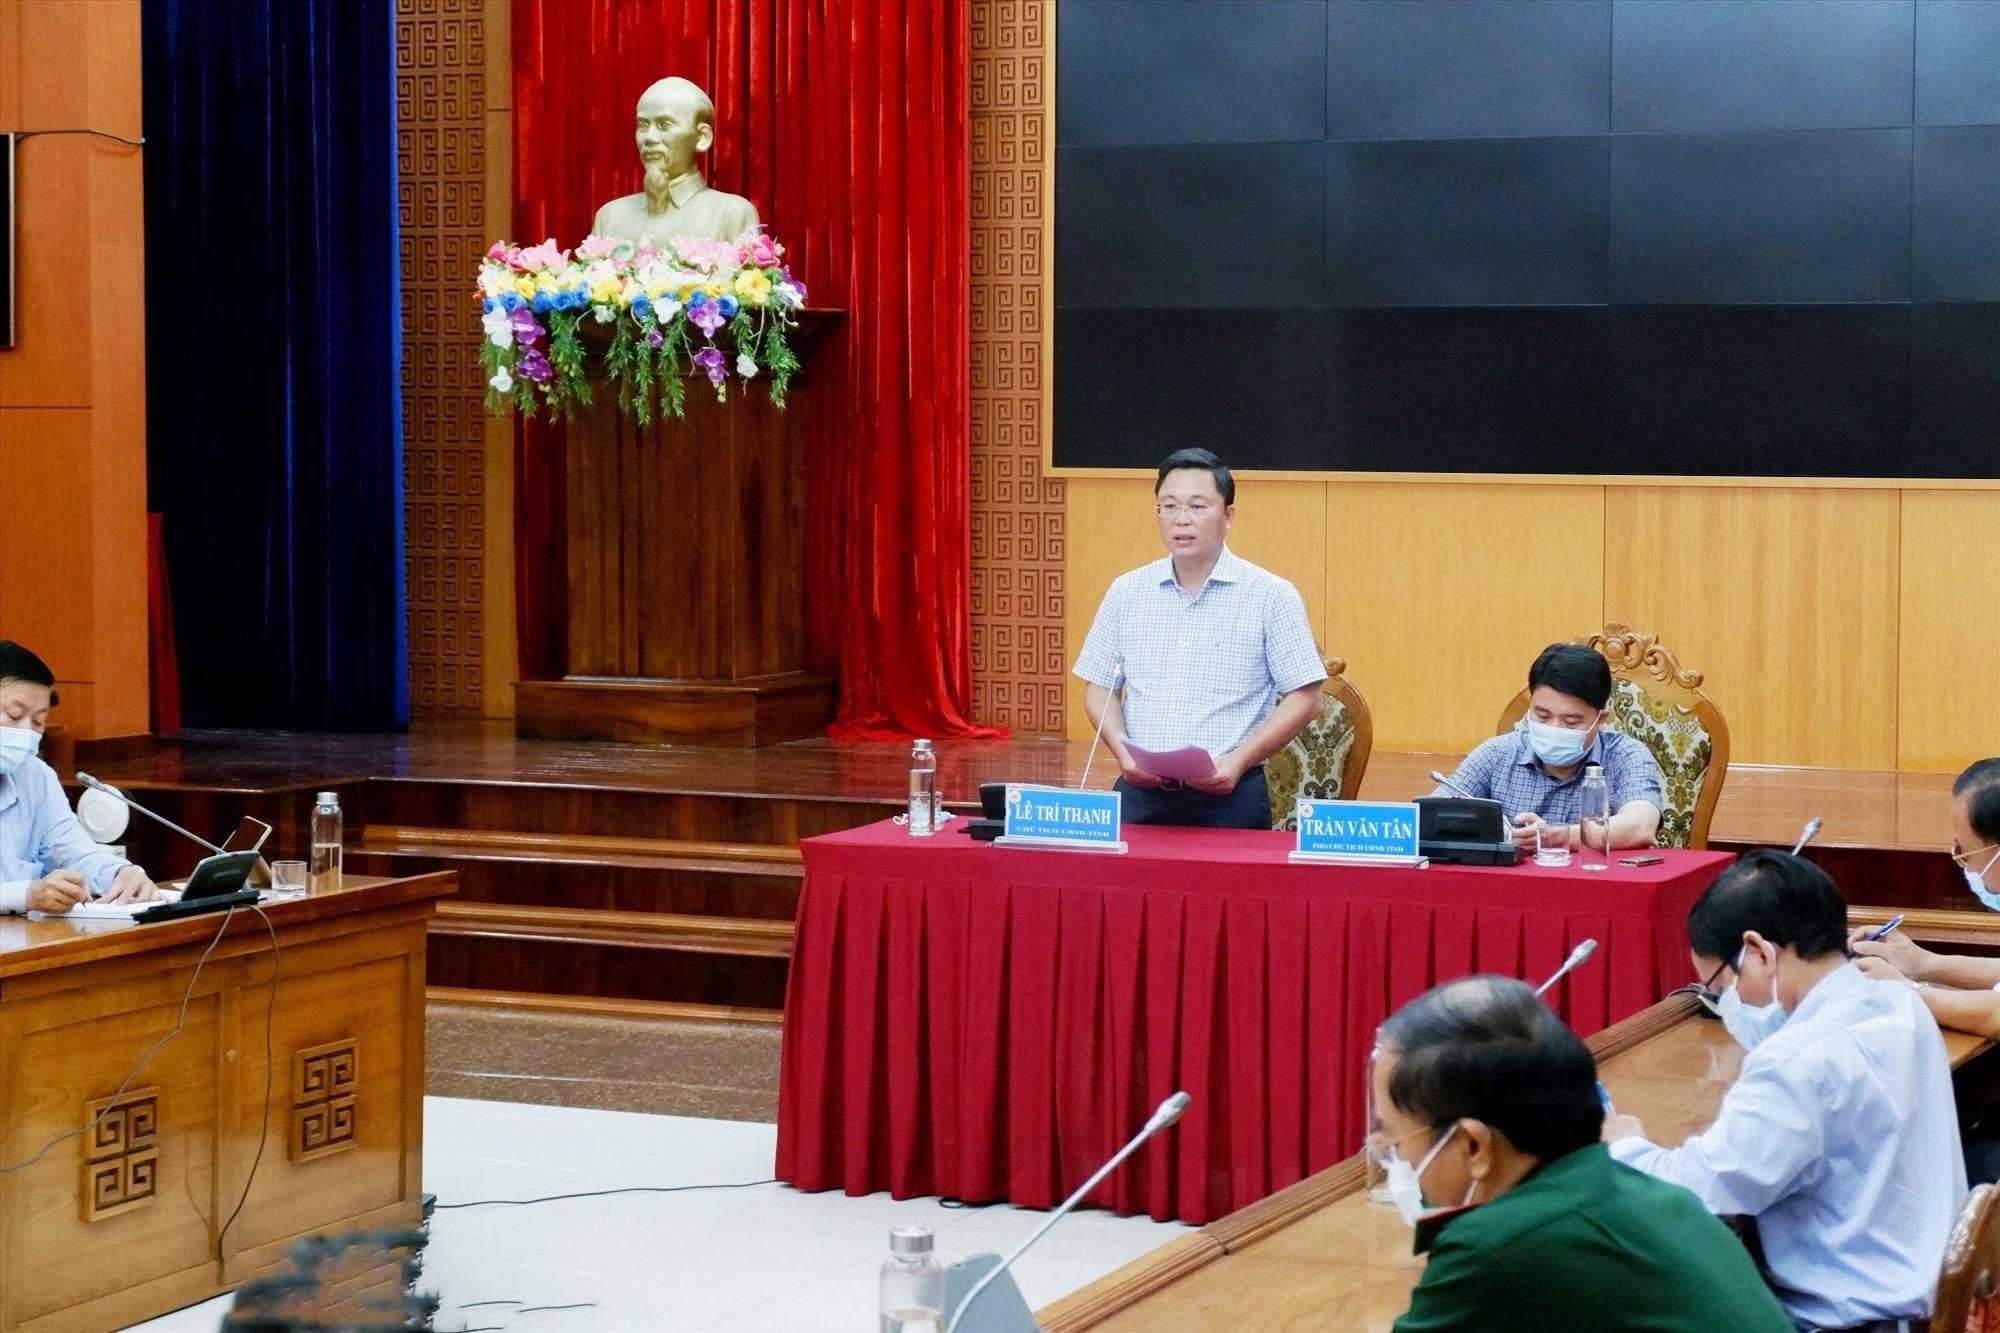 Chủ tịch UBND tỉnh Lê Trí Thanh chủ trì cuộc làm việc cùng Ban Chỉ đạo Phòng chống dịch cấp tỉnh vào chiều 26.5.